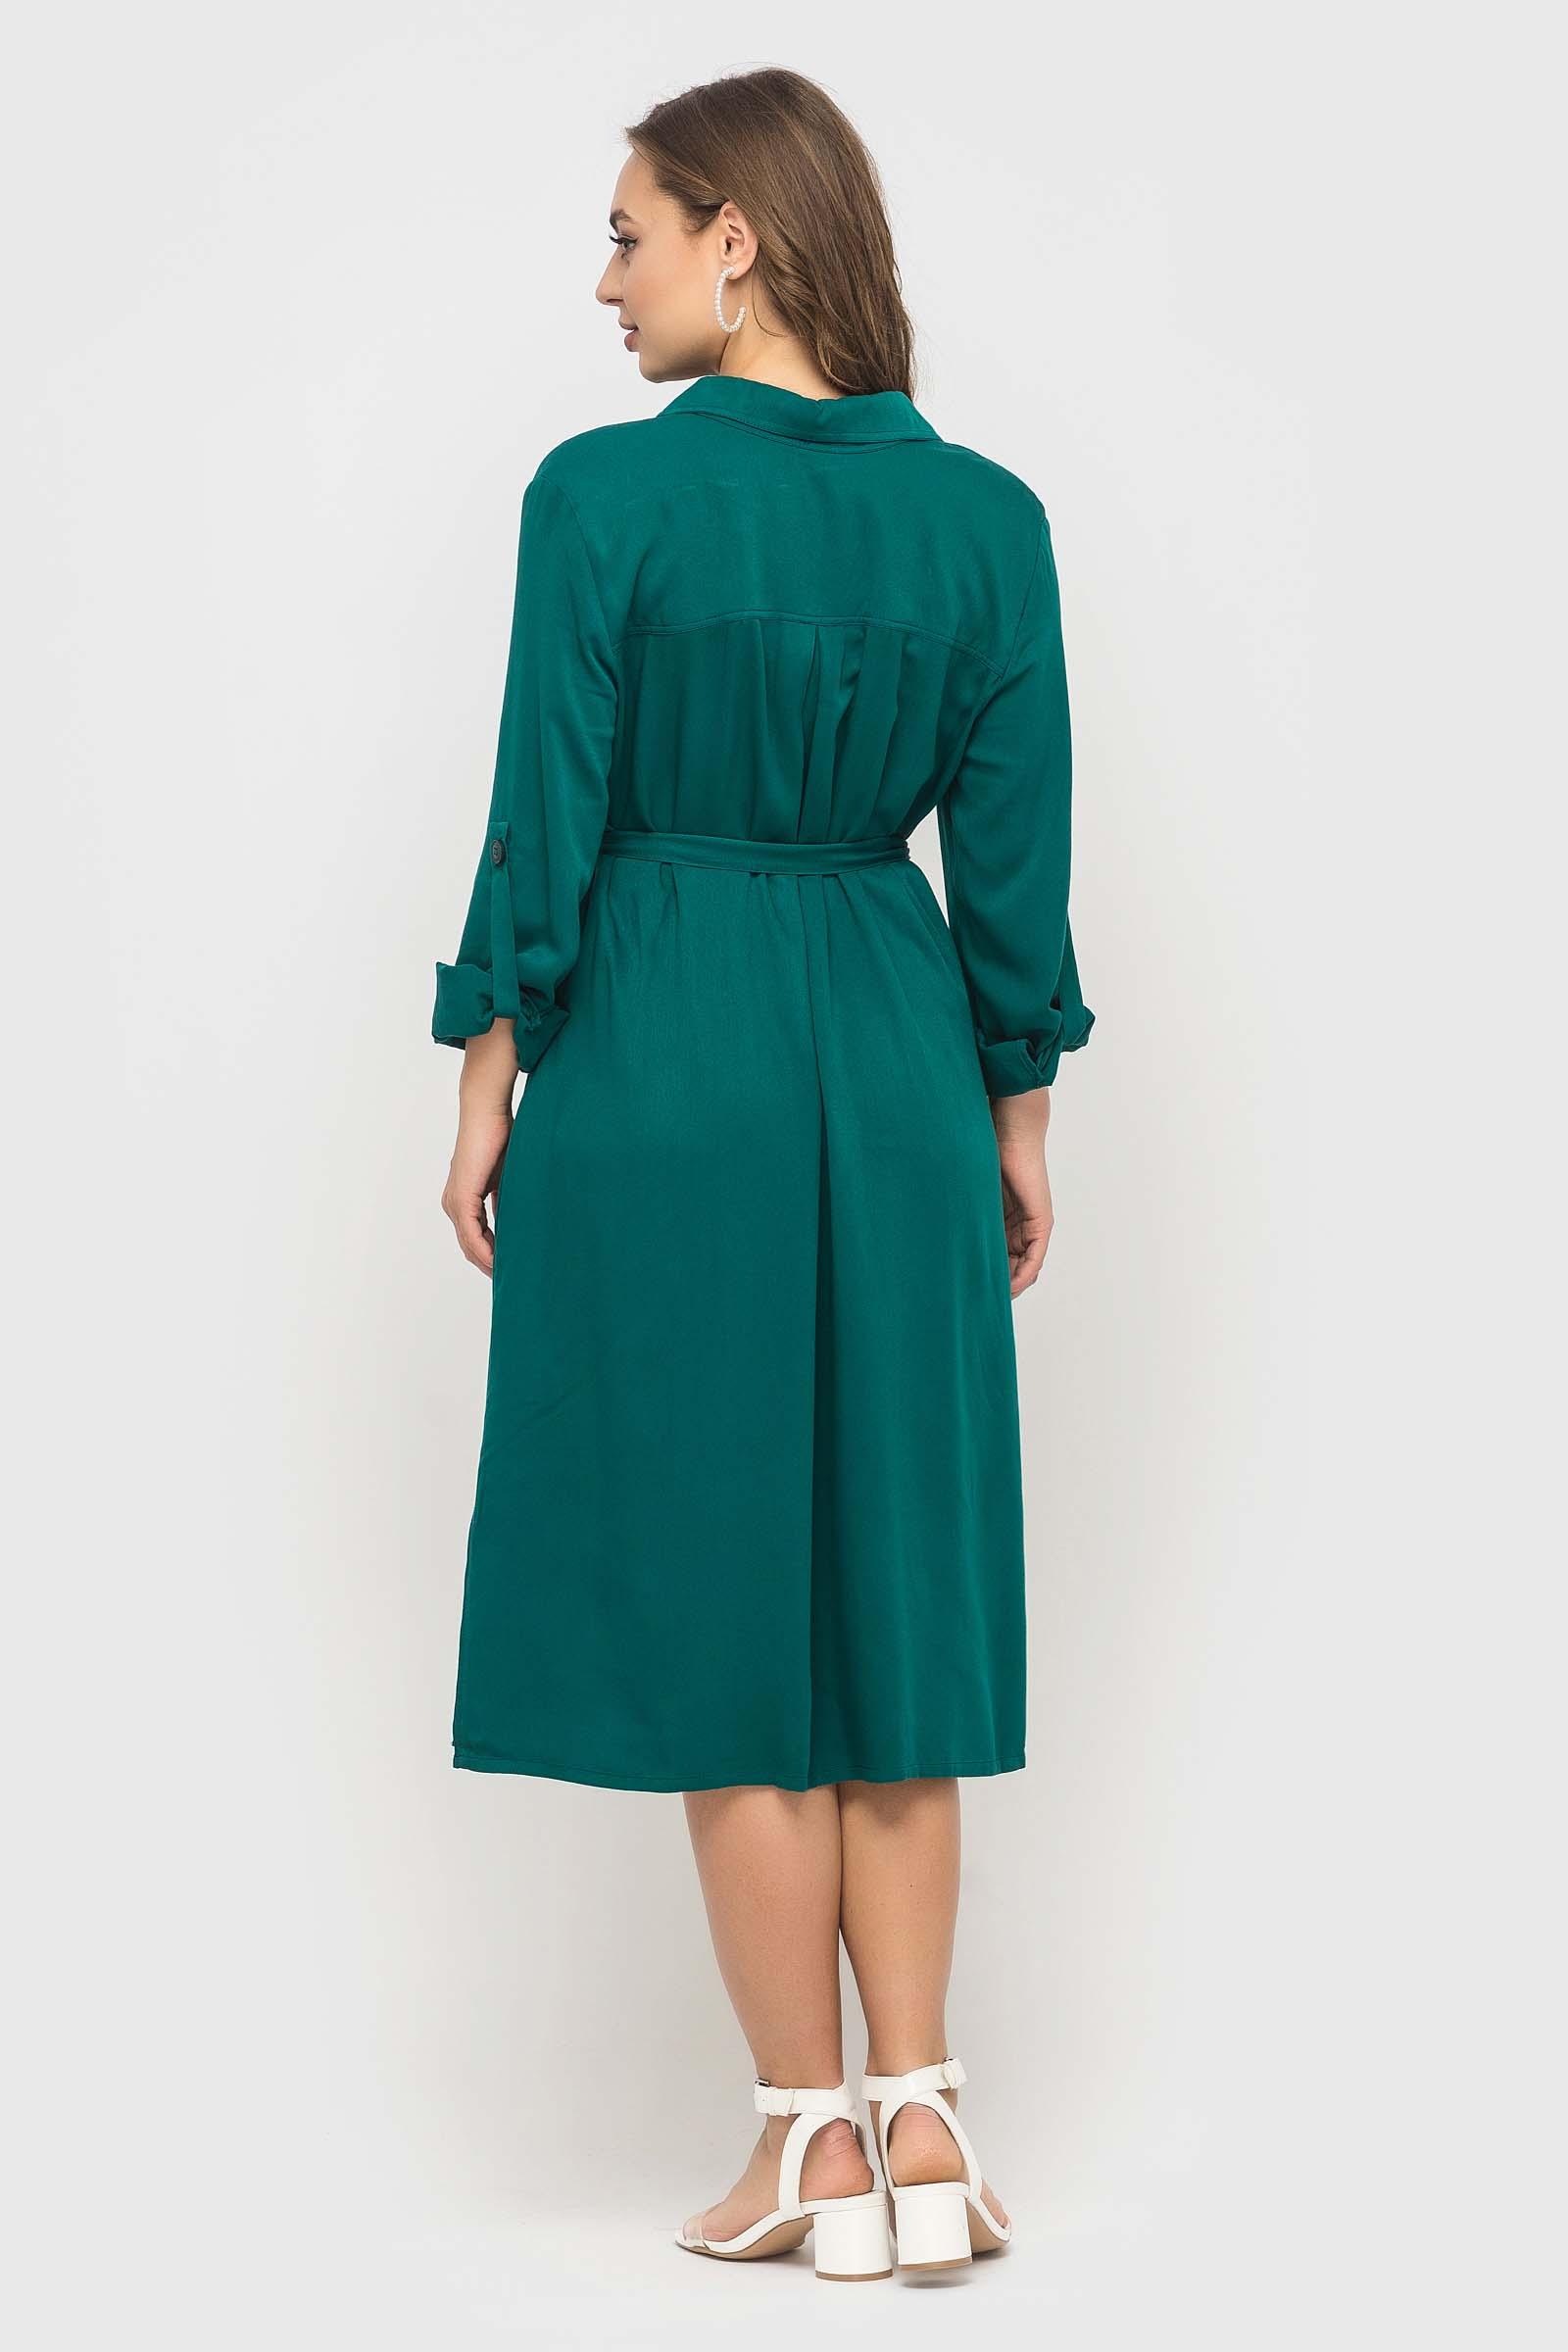 be art 2020 04 07182918 Купить платье